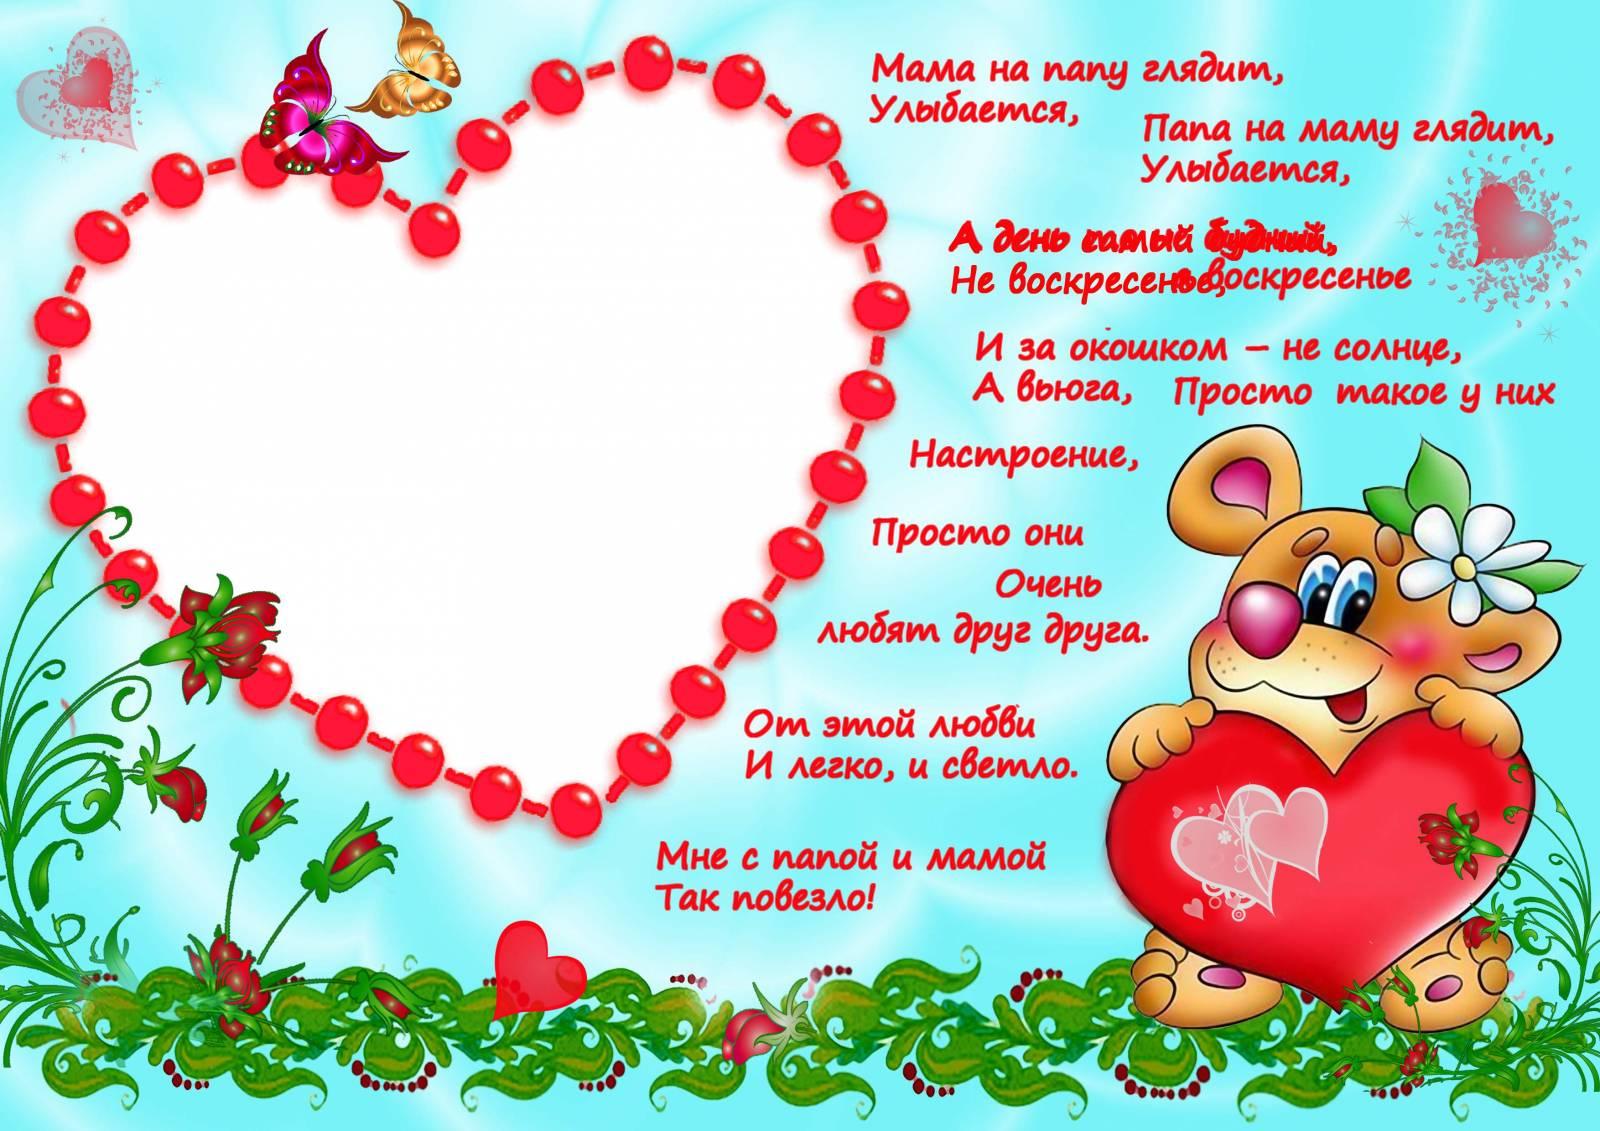 Поздравления с днем святого Валентина маме 10